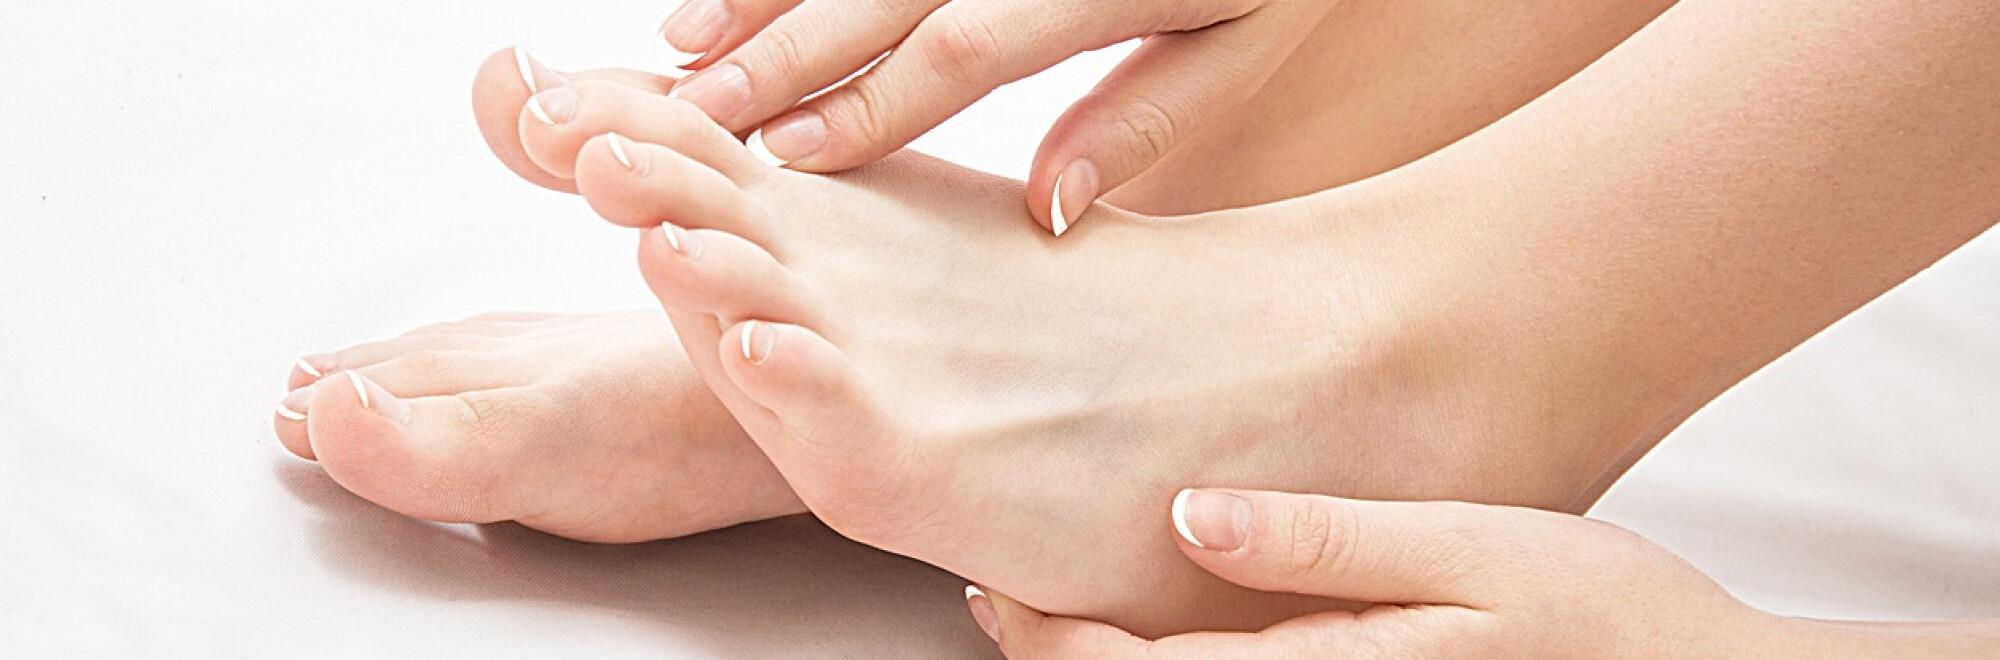 umflarea pe picioarele bolii articulare)